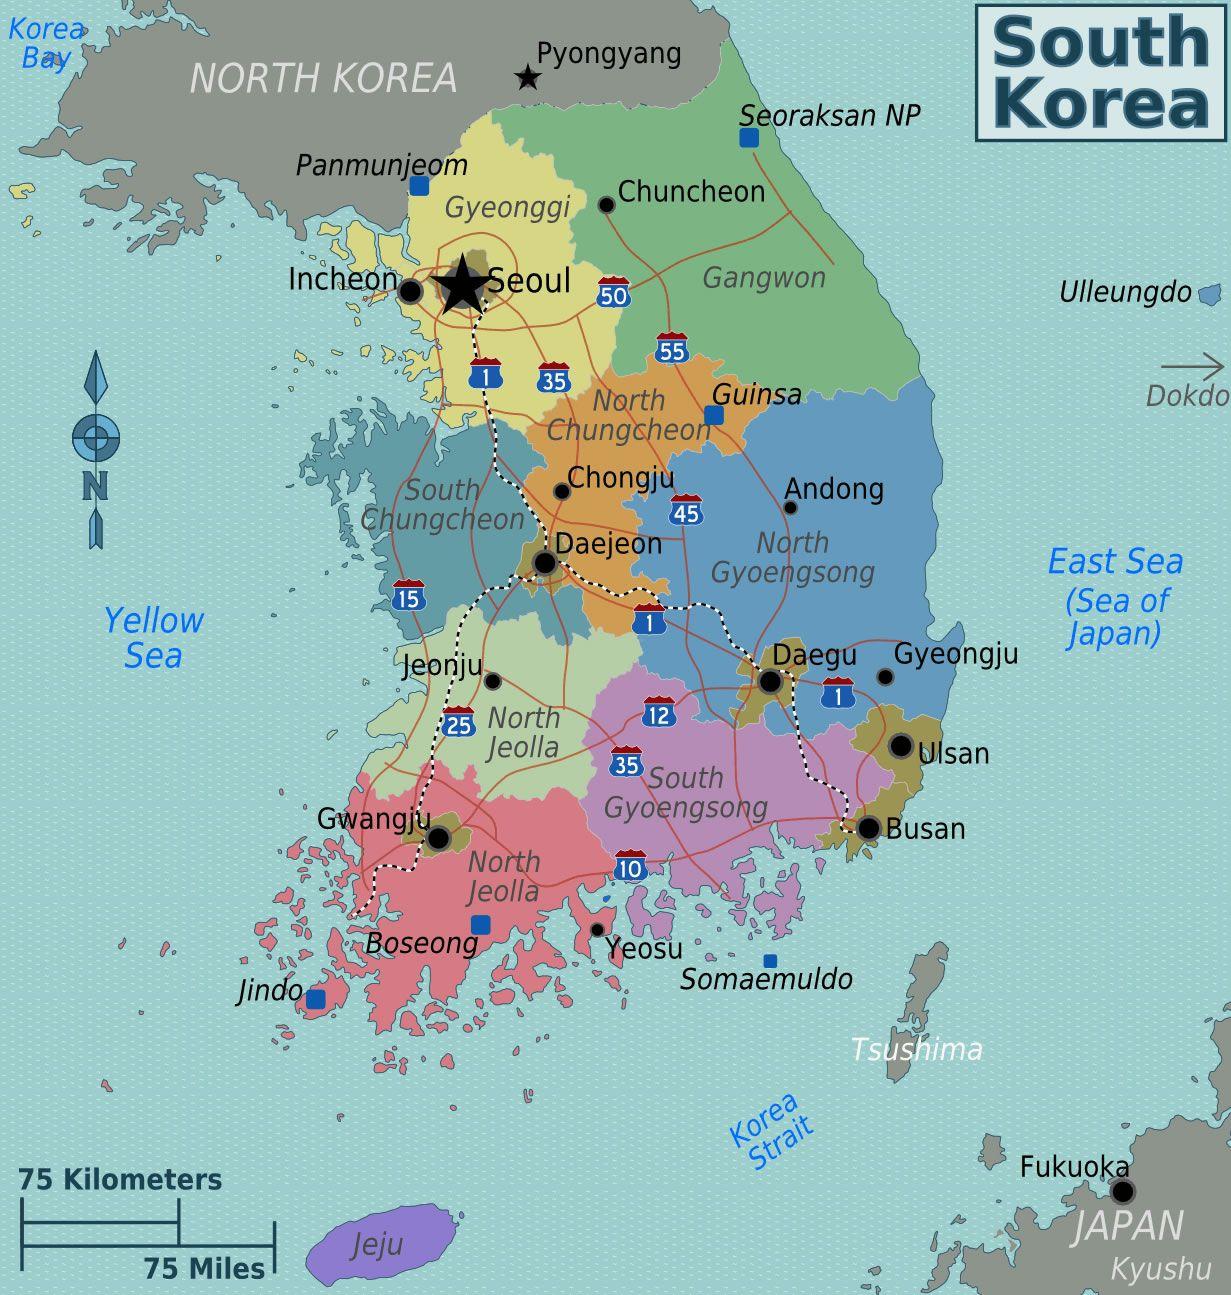 carte de corée du sud Carte Corée du Sud (avec images) | Corée du sud, Corée, Carte des